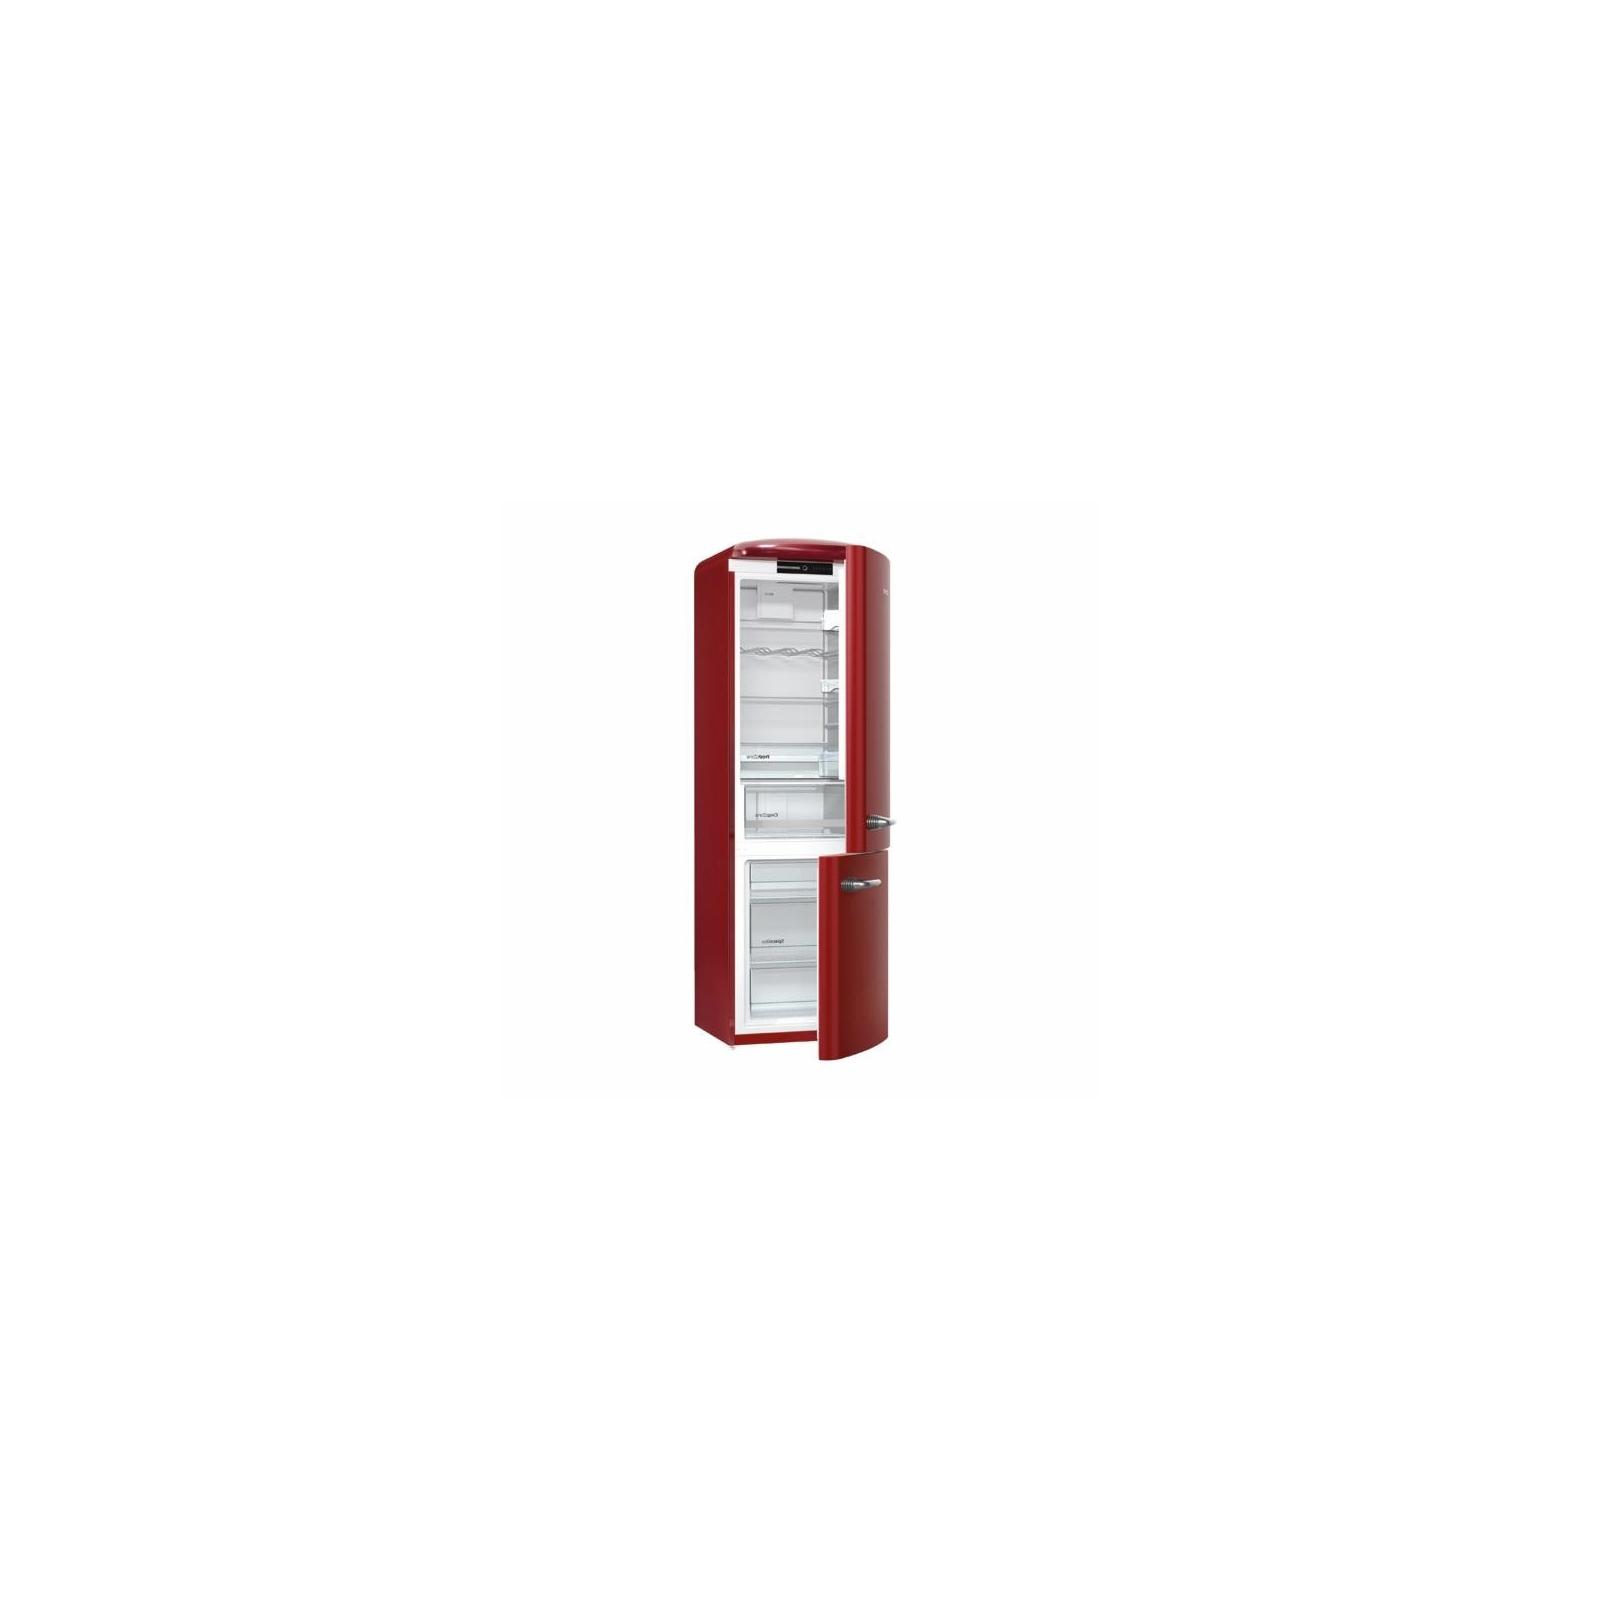 Холодильник Gorenje ORK192R изображение 2